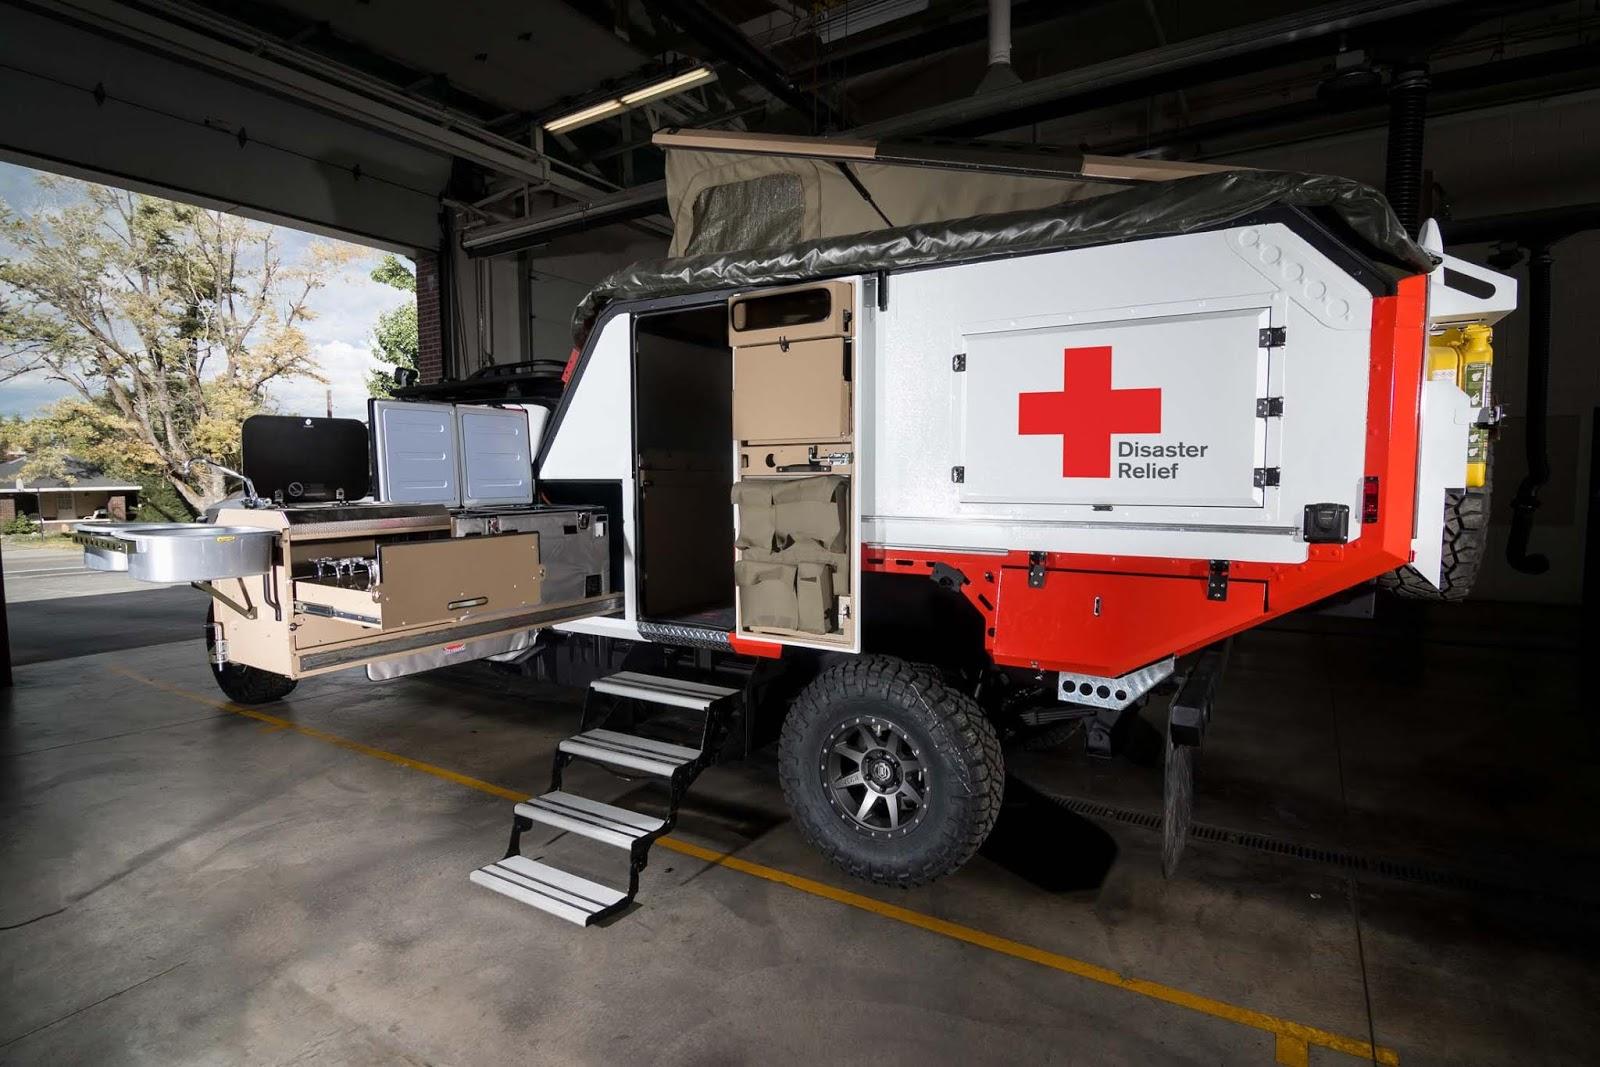 Nissan TITAN Red cross 2B252872529